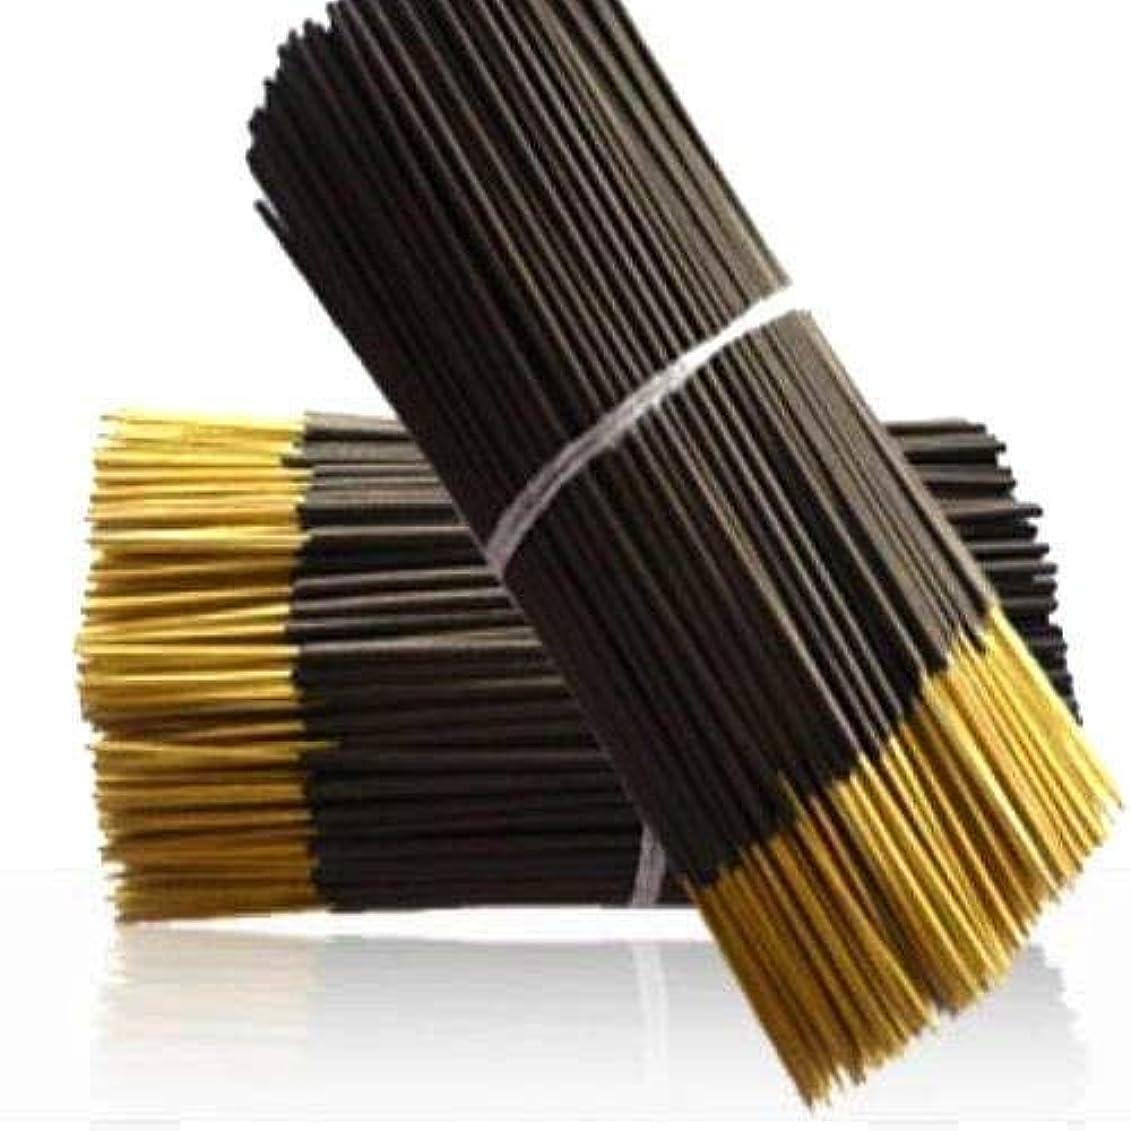 合併症熱心曇ったLakshmi Natural Products Raw Agarbatti Sticks 9